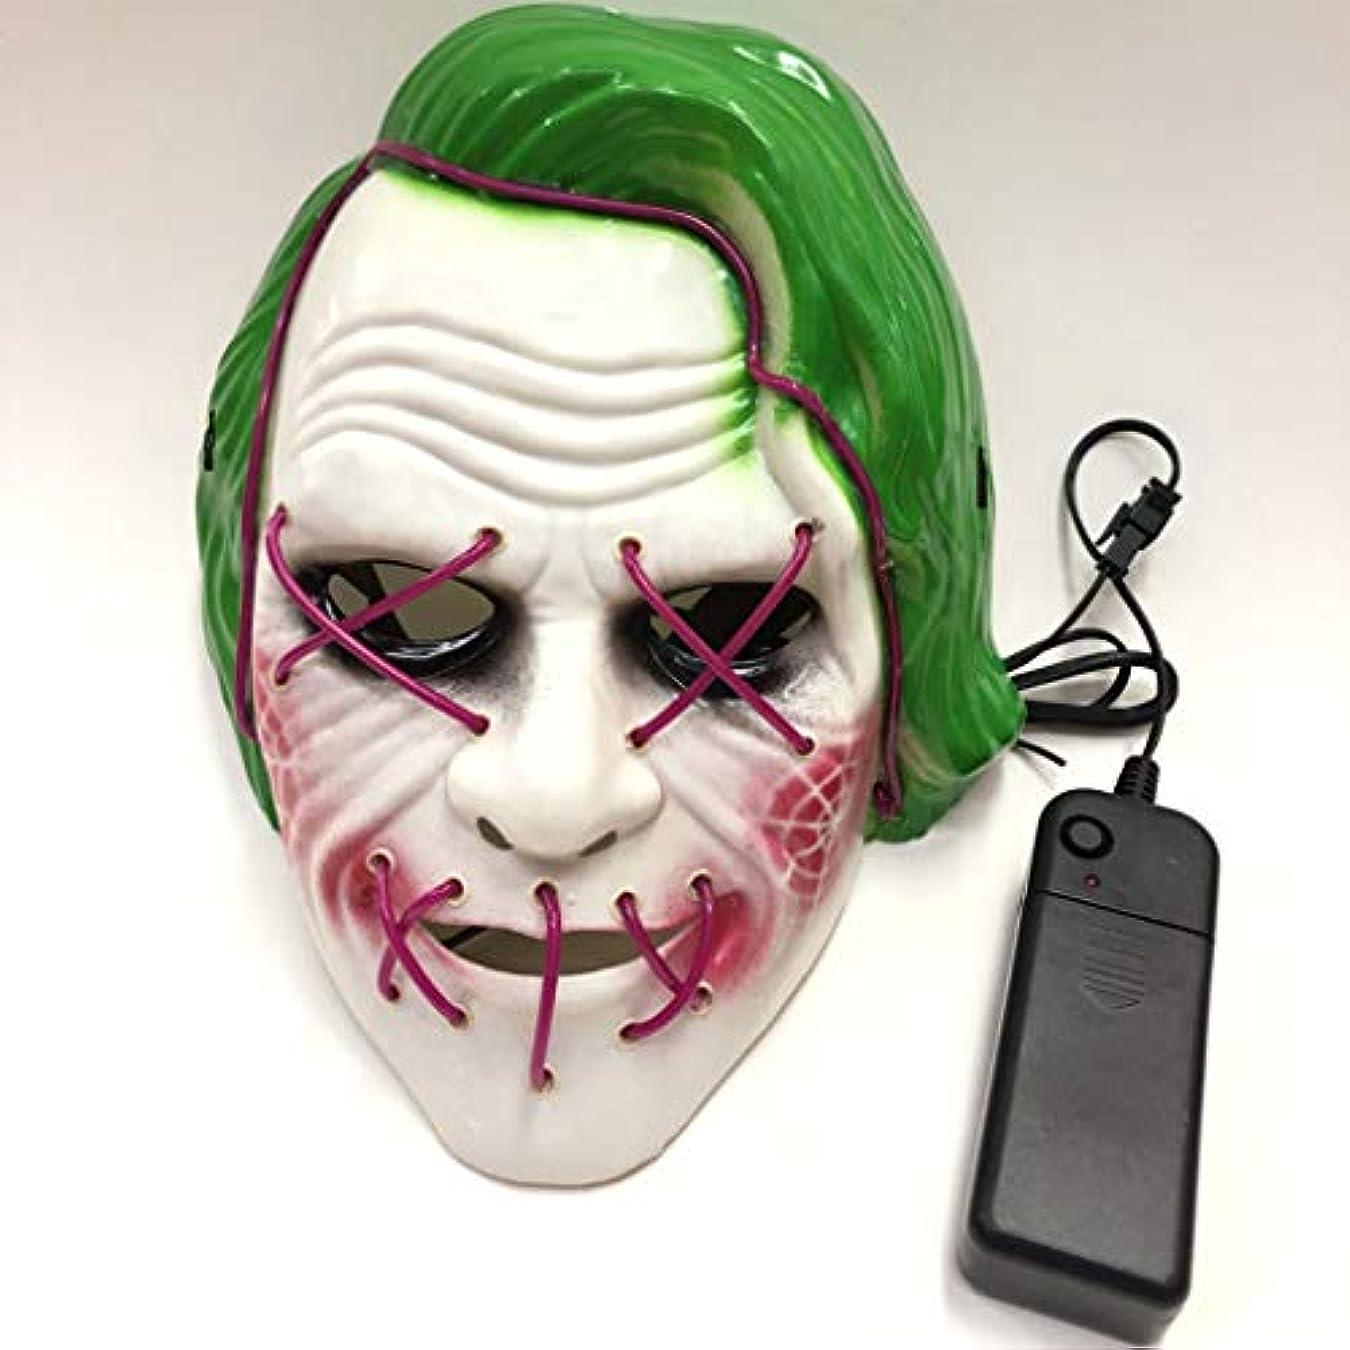 世界的に議題ジャーナルLEDハロウィーンマスクライトアップマスクグローイングマスク、ハロウィーンコスプレ、ブルー